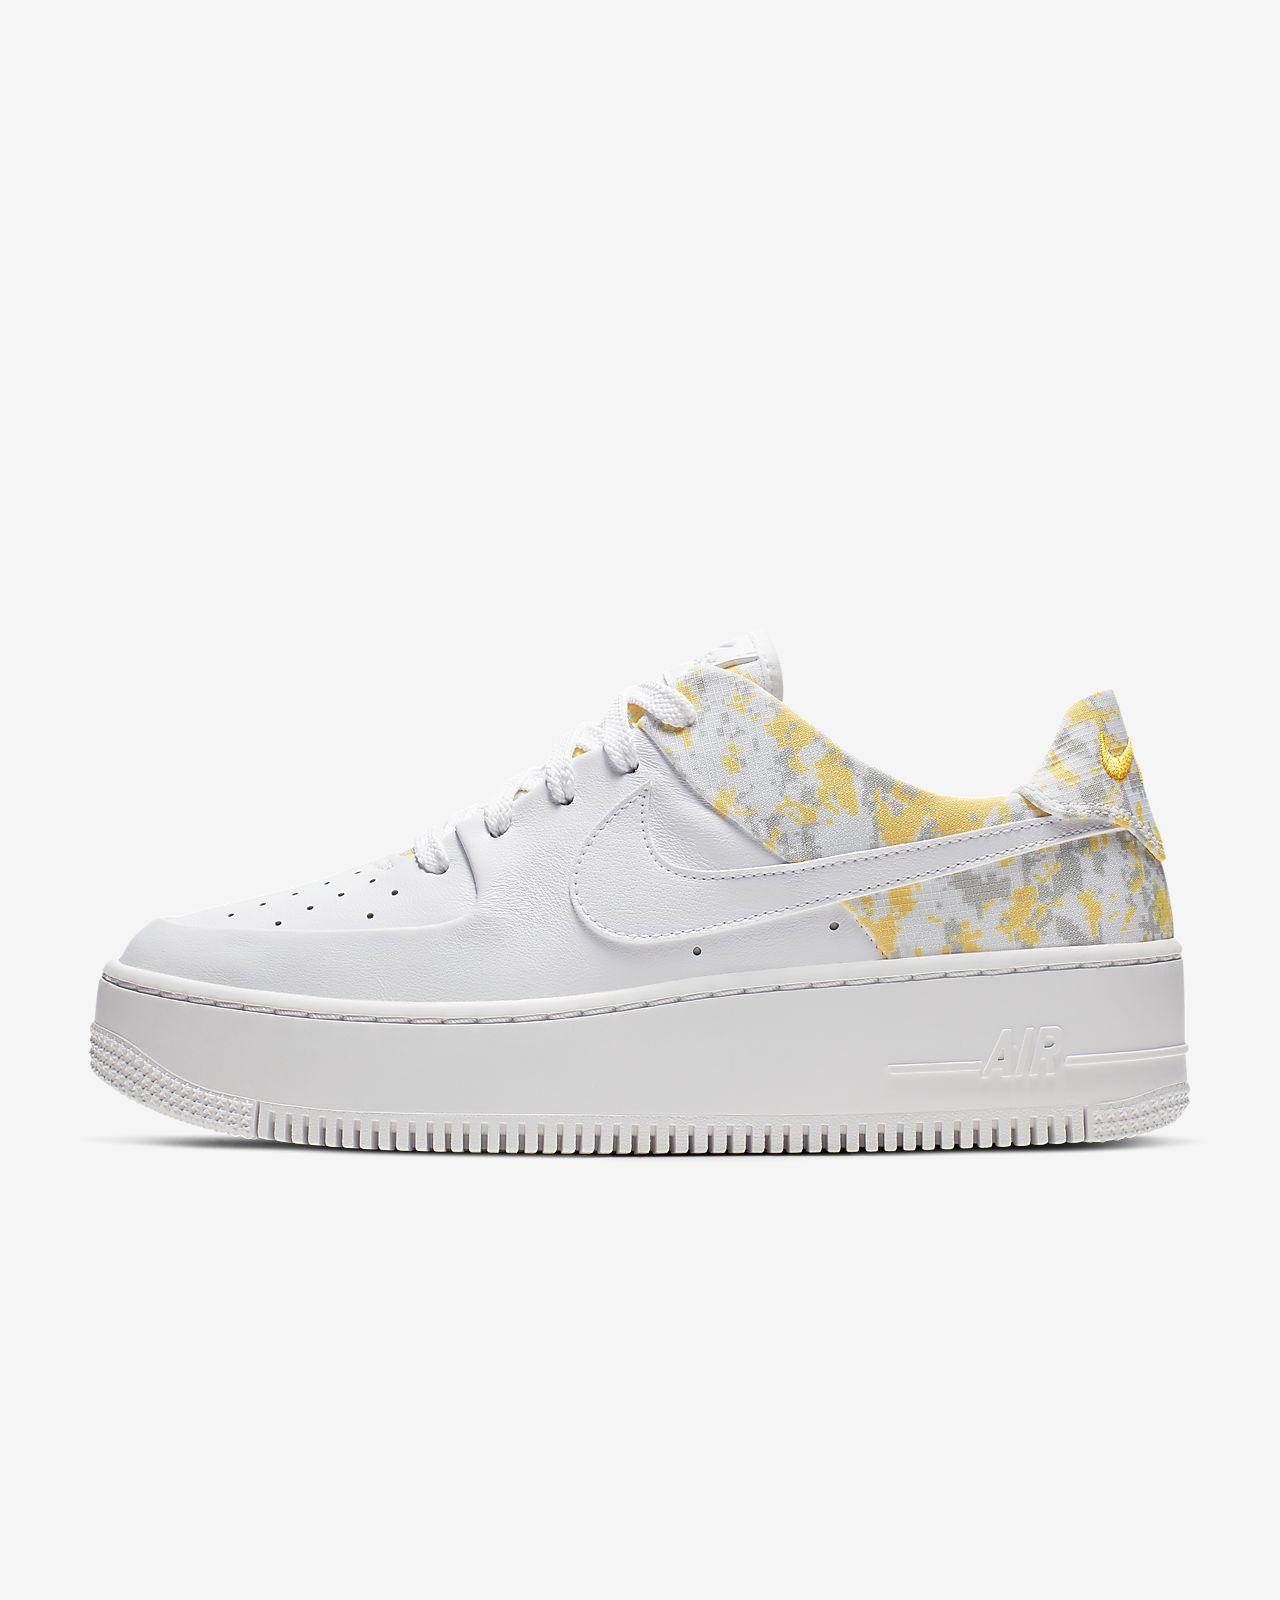 8183d661b5f Chaussure Nike Air Force 1 Sage Low Premium Camo pour Femme. Nike.com FR